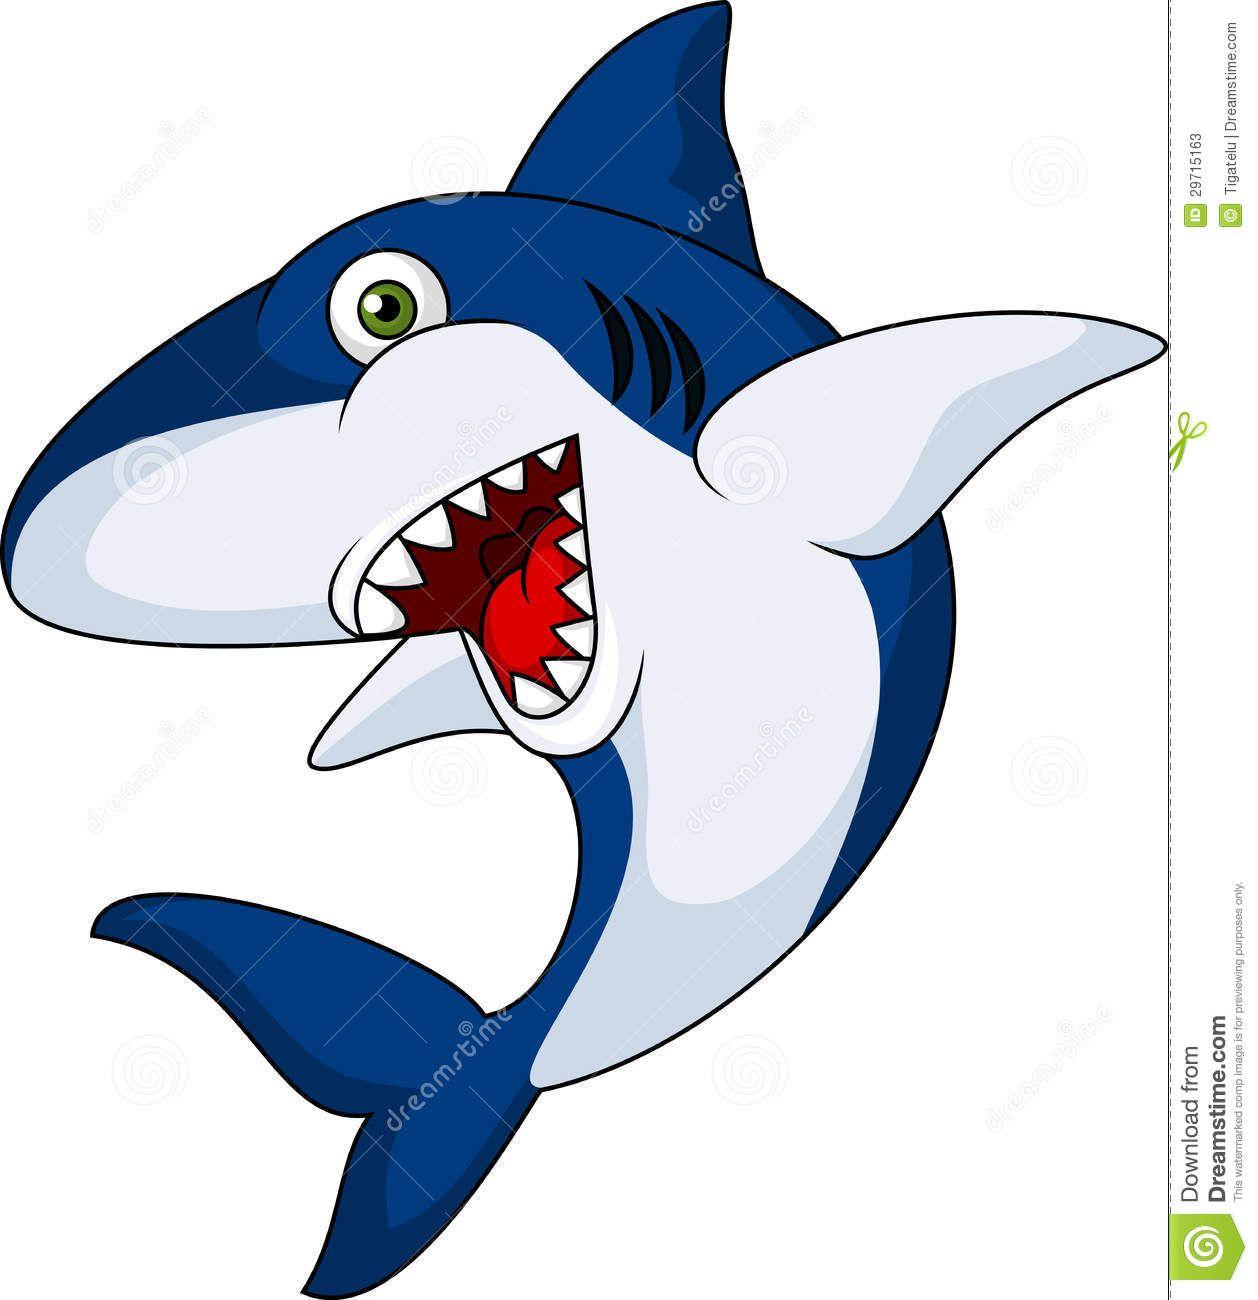 Shark cartoon clipart banner transparent library cartoon shark images | Cartoon Sharks Clipart Shark cartoon ... banner transparent library